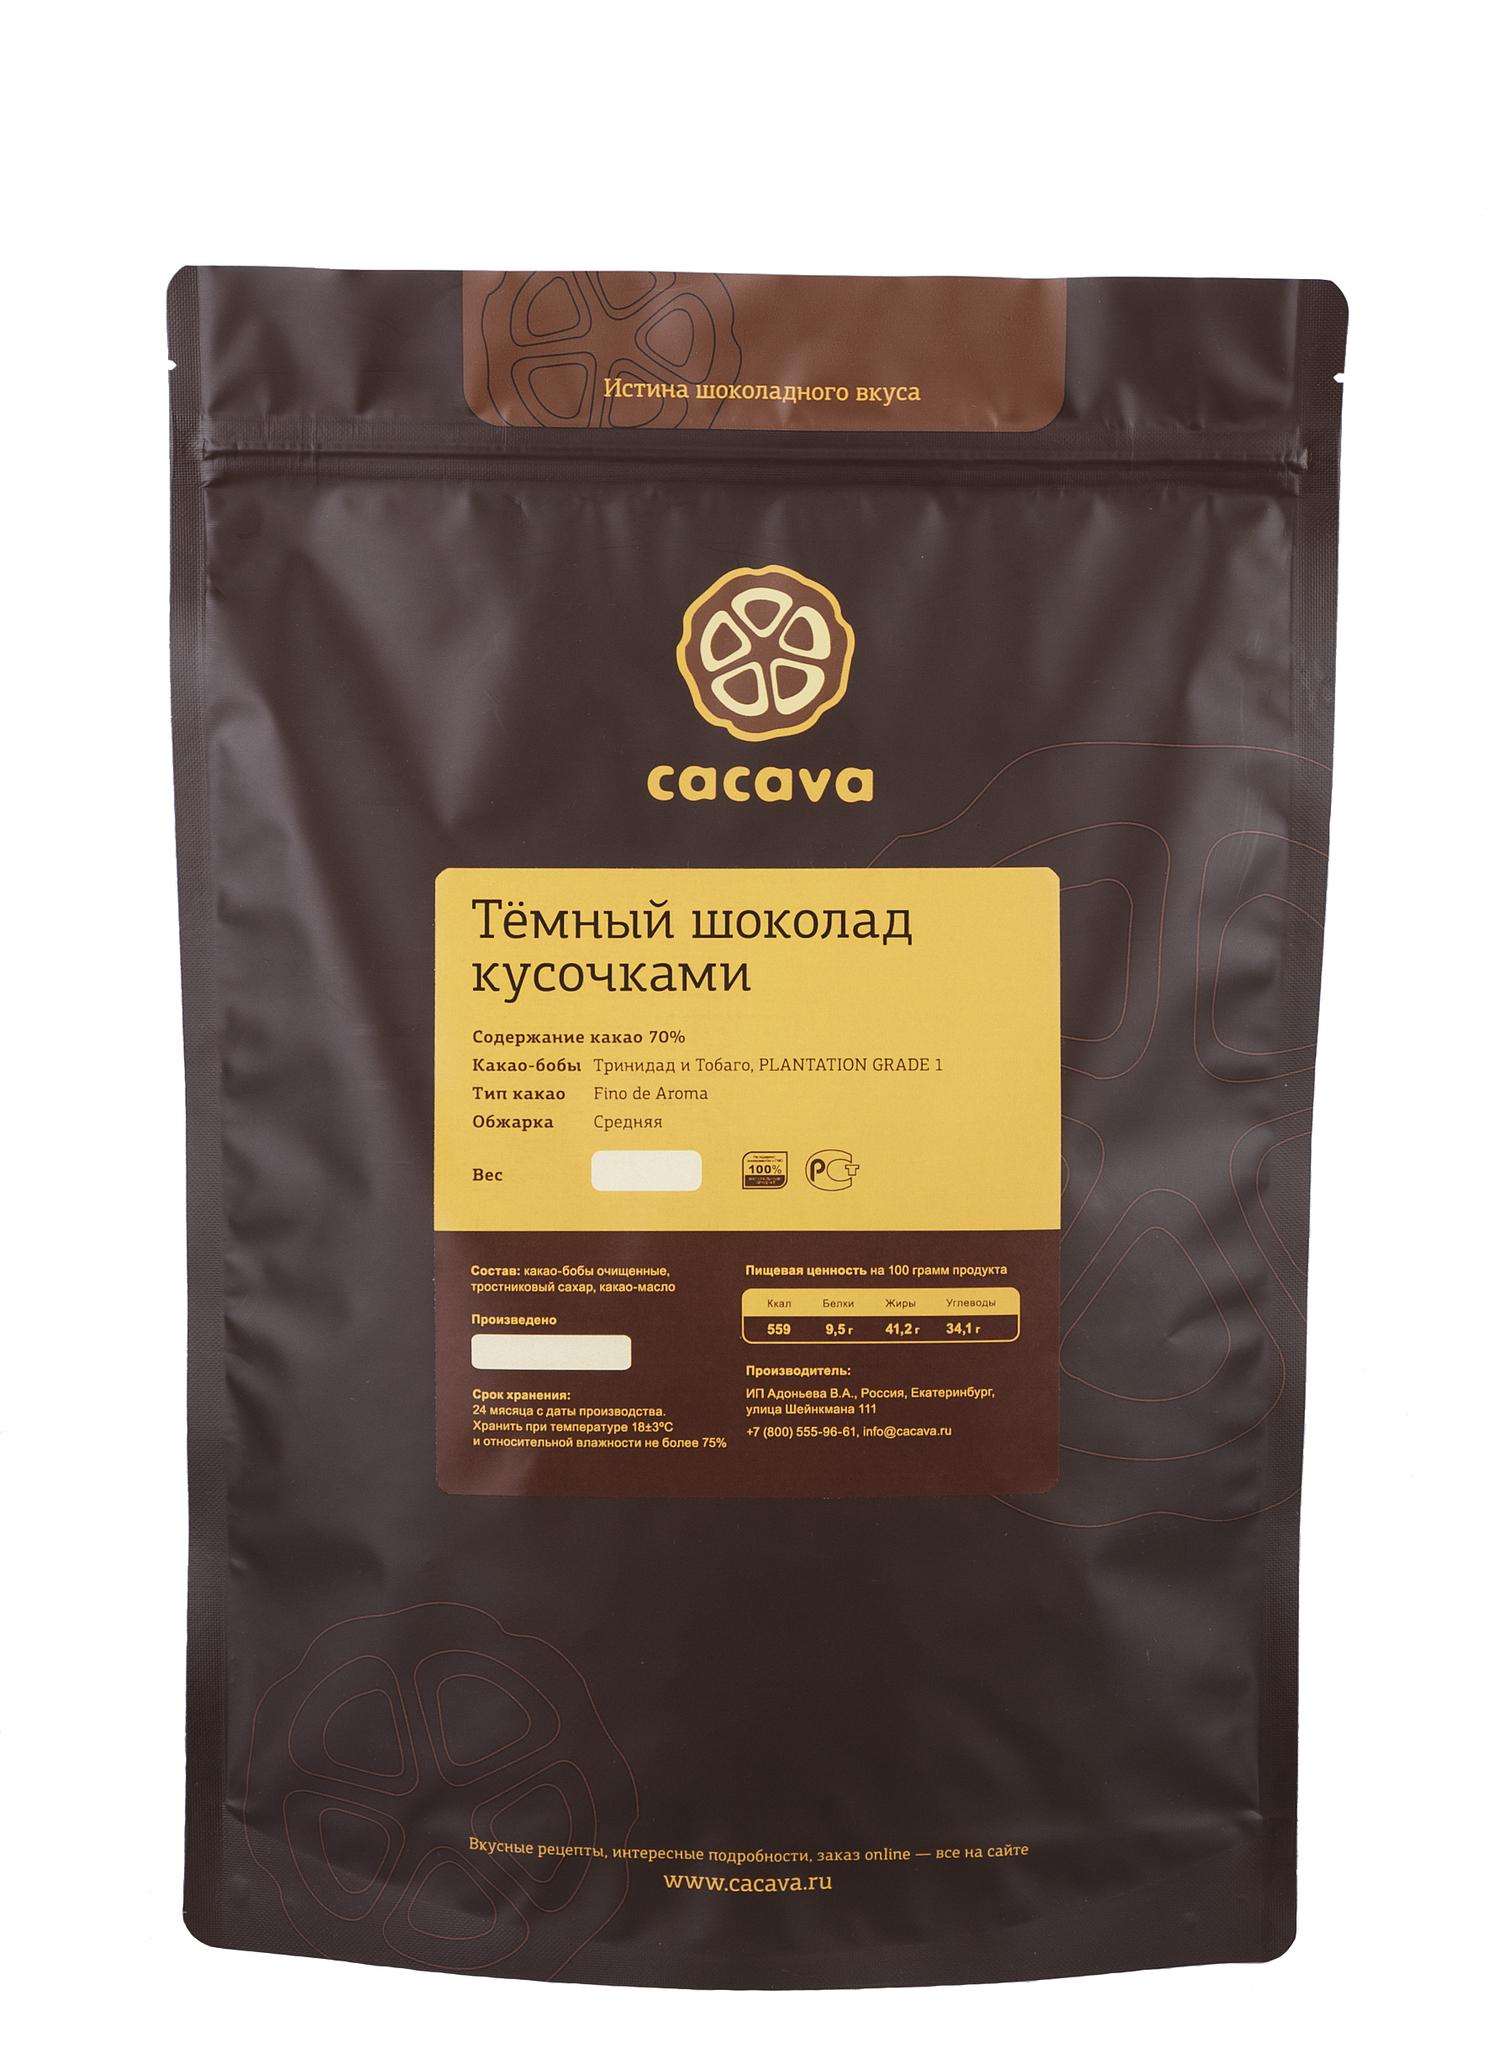 Тёмный шоколад 70% какао (Тринидад), упаковка 1 и 3 кг